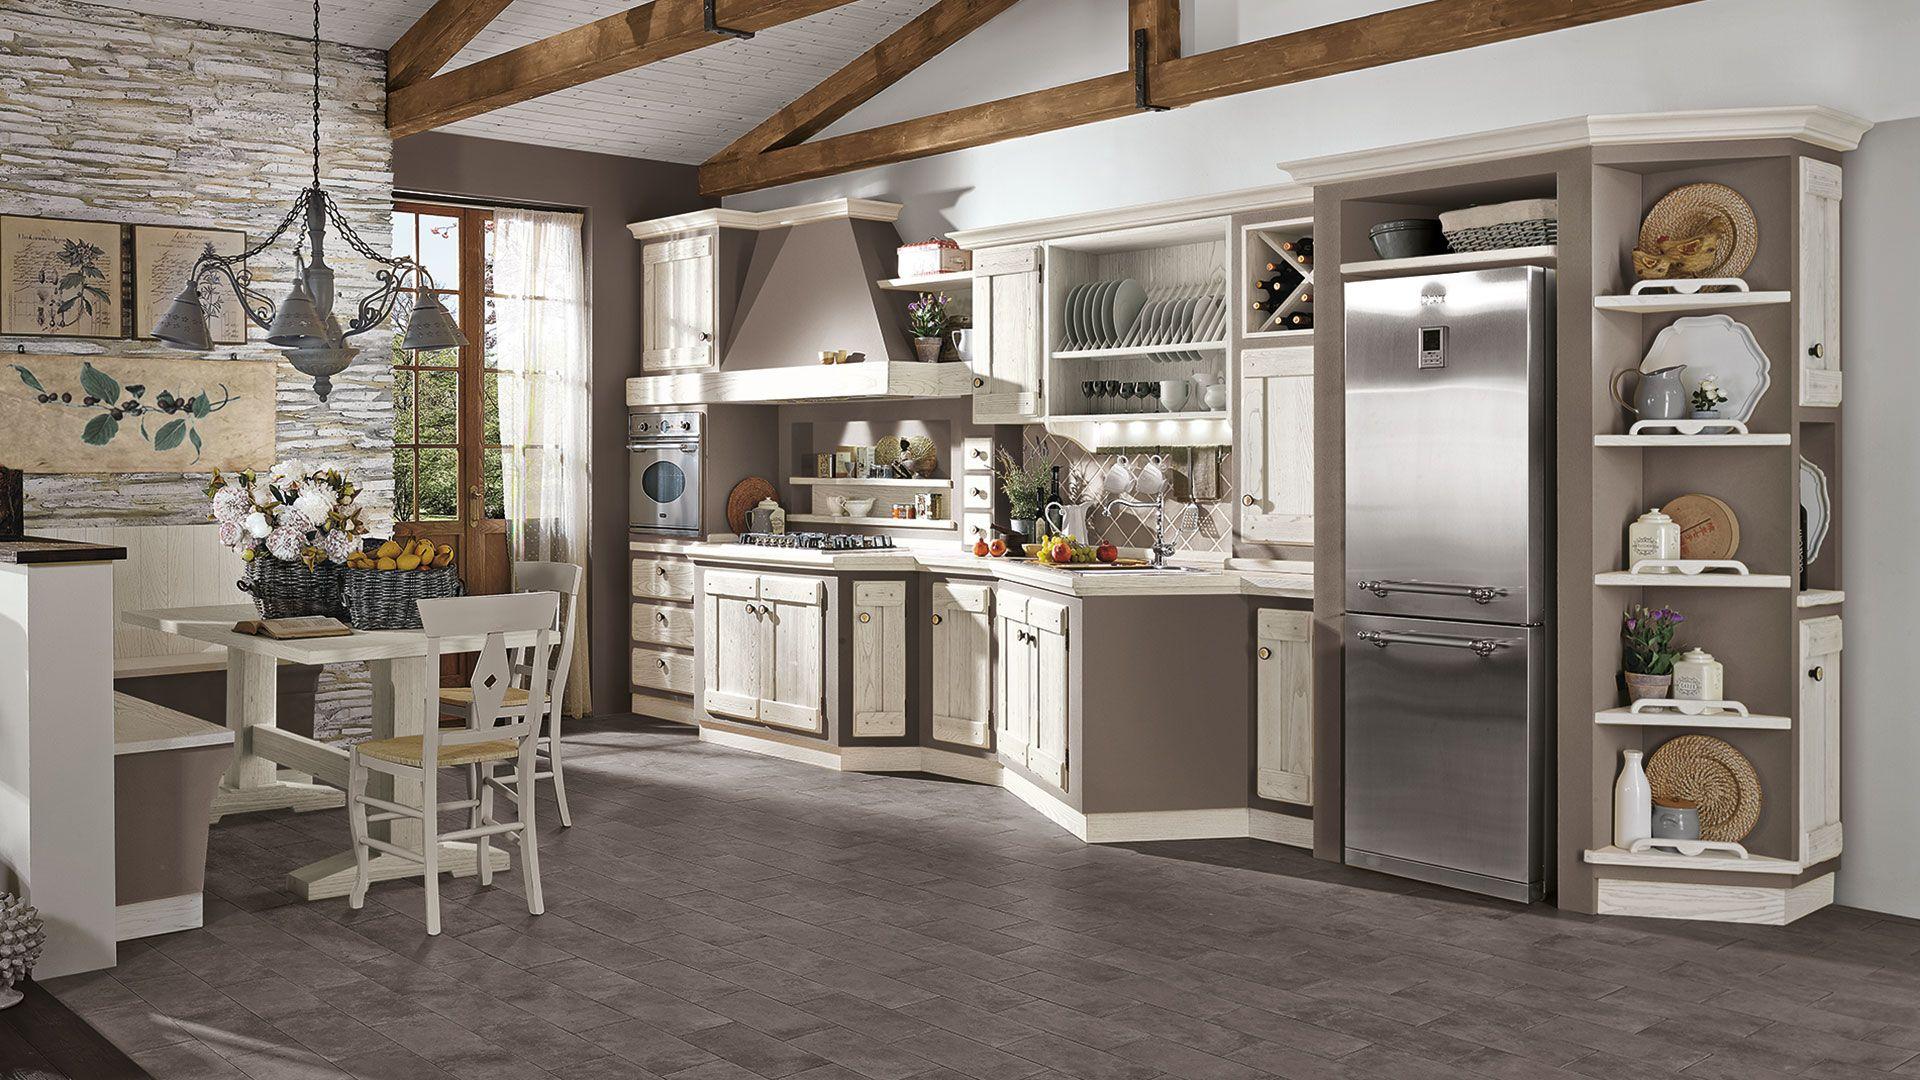 Anita - Cucine Lube | Kitchen DIY, Organizing, Declutter nel ...